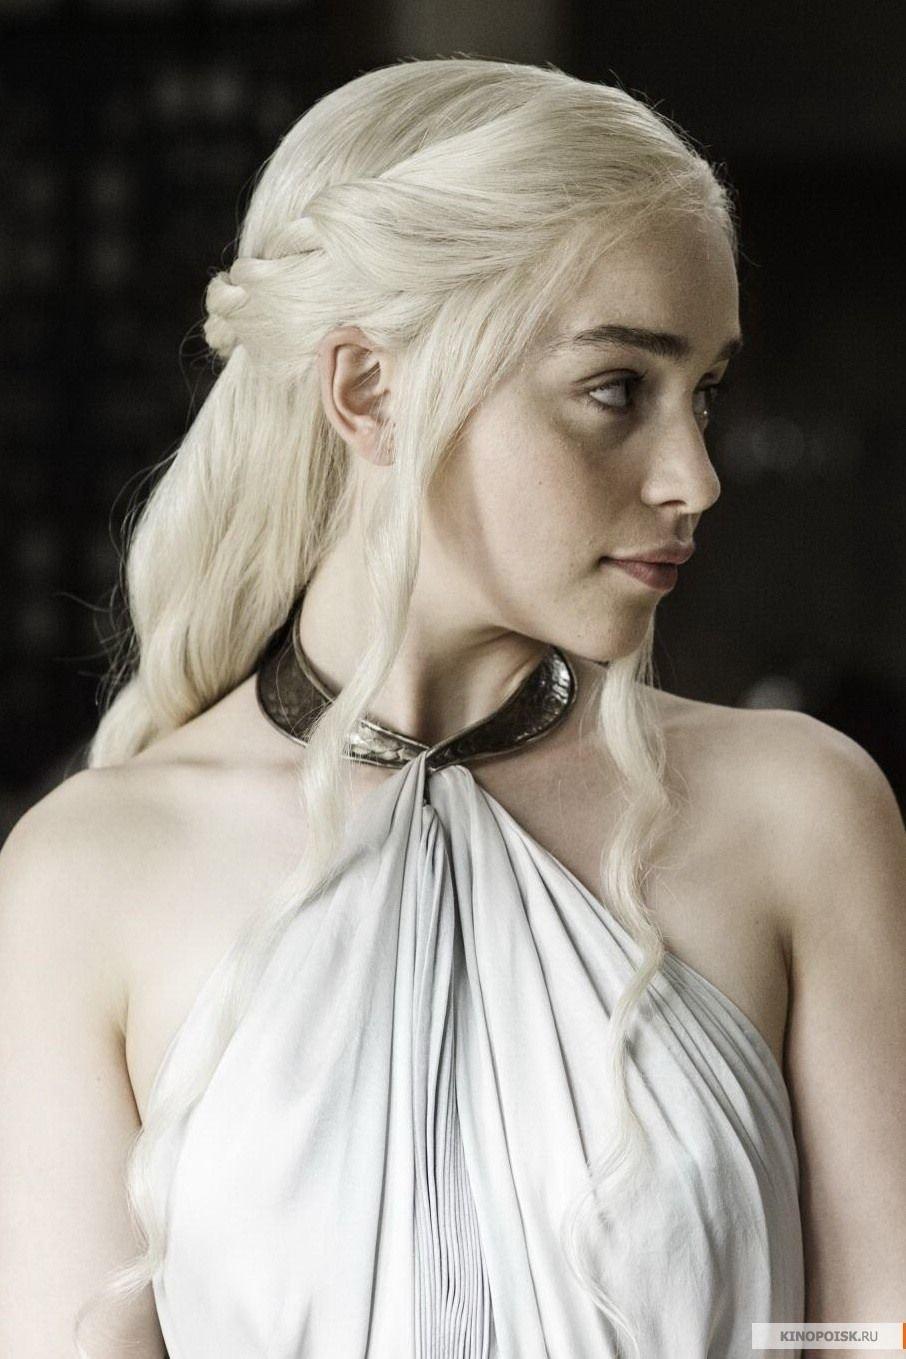 Игра престолов: Кадры   1 | картинка Game of Thrones 2419606